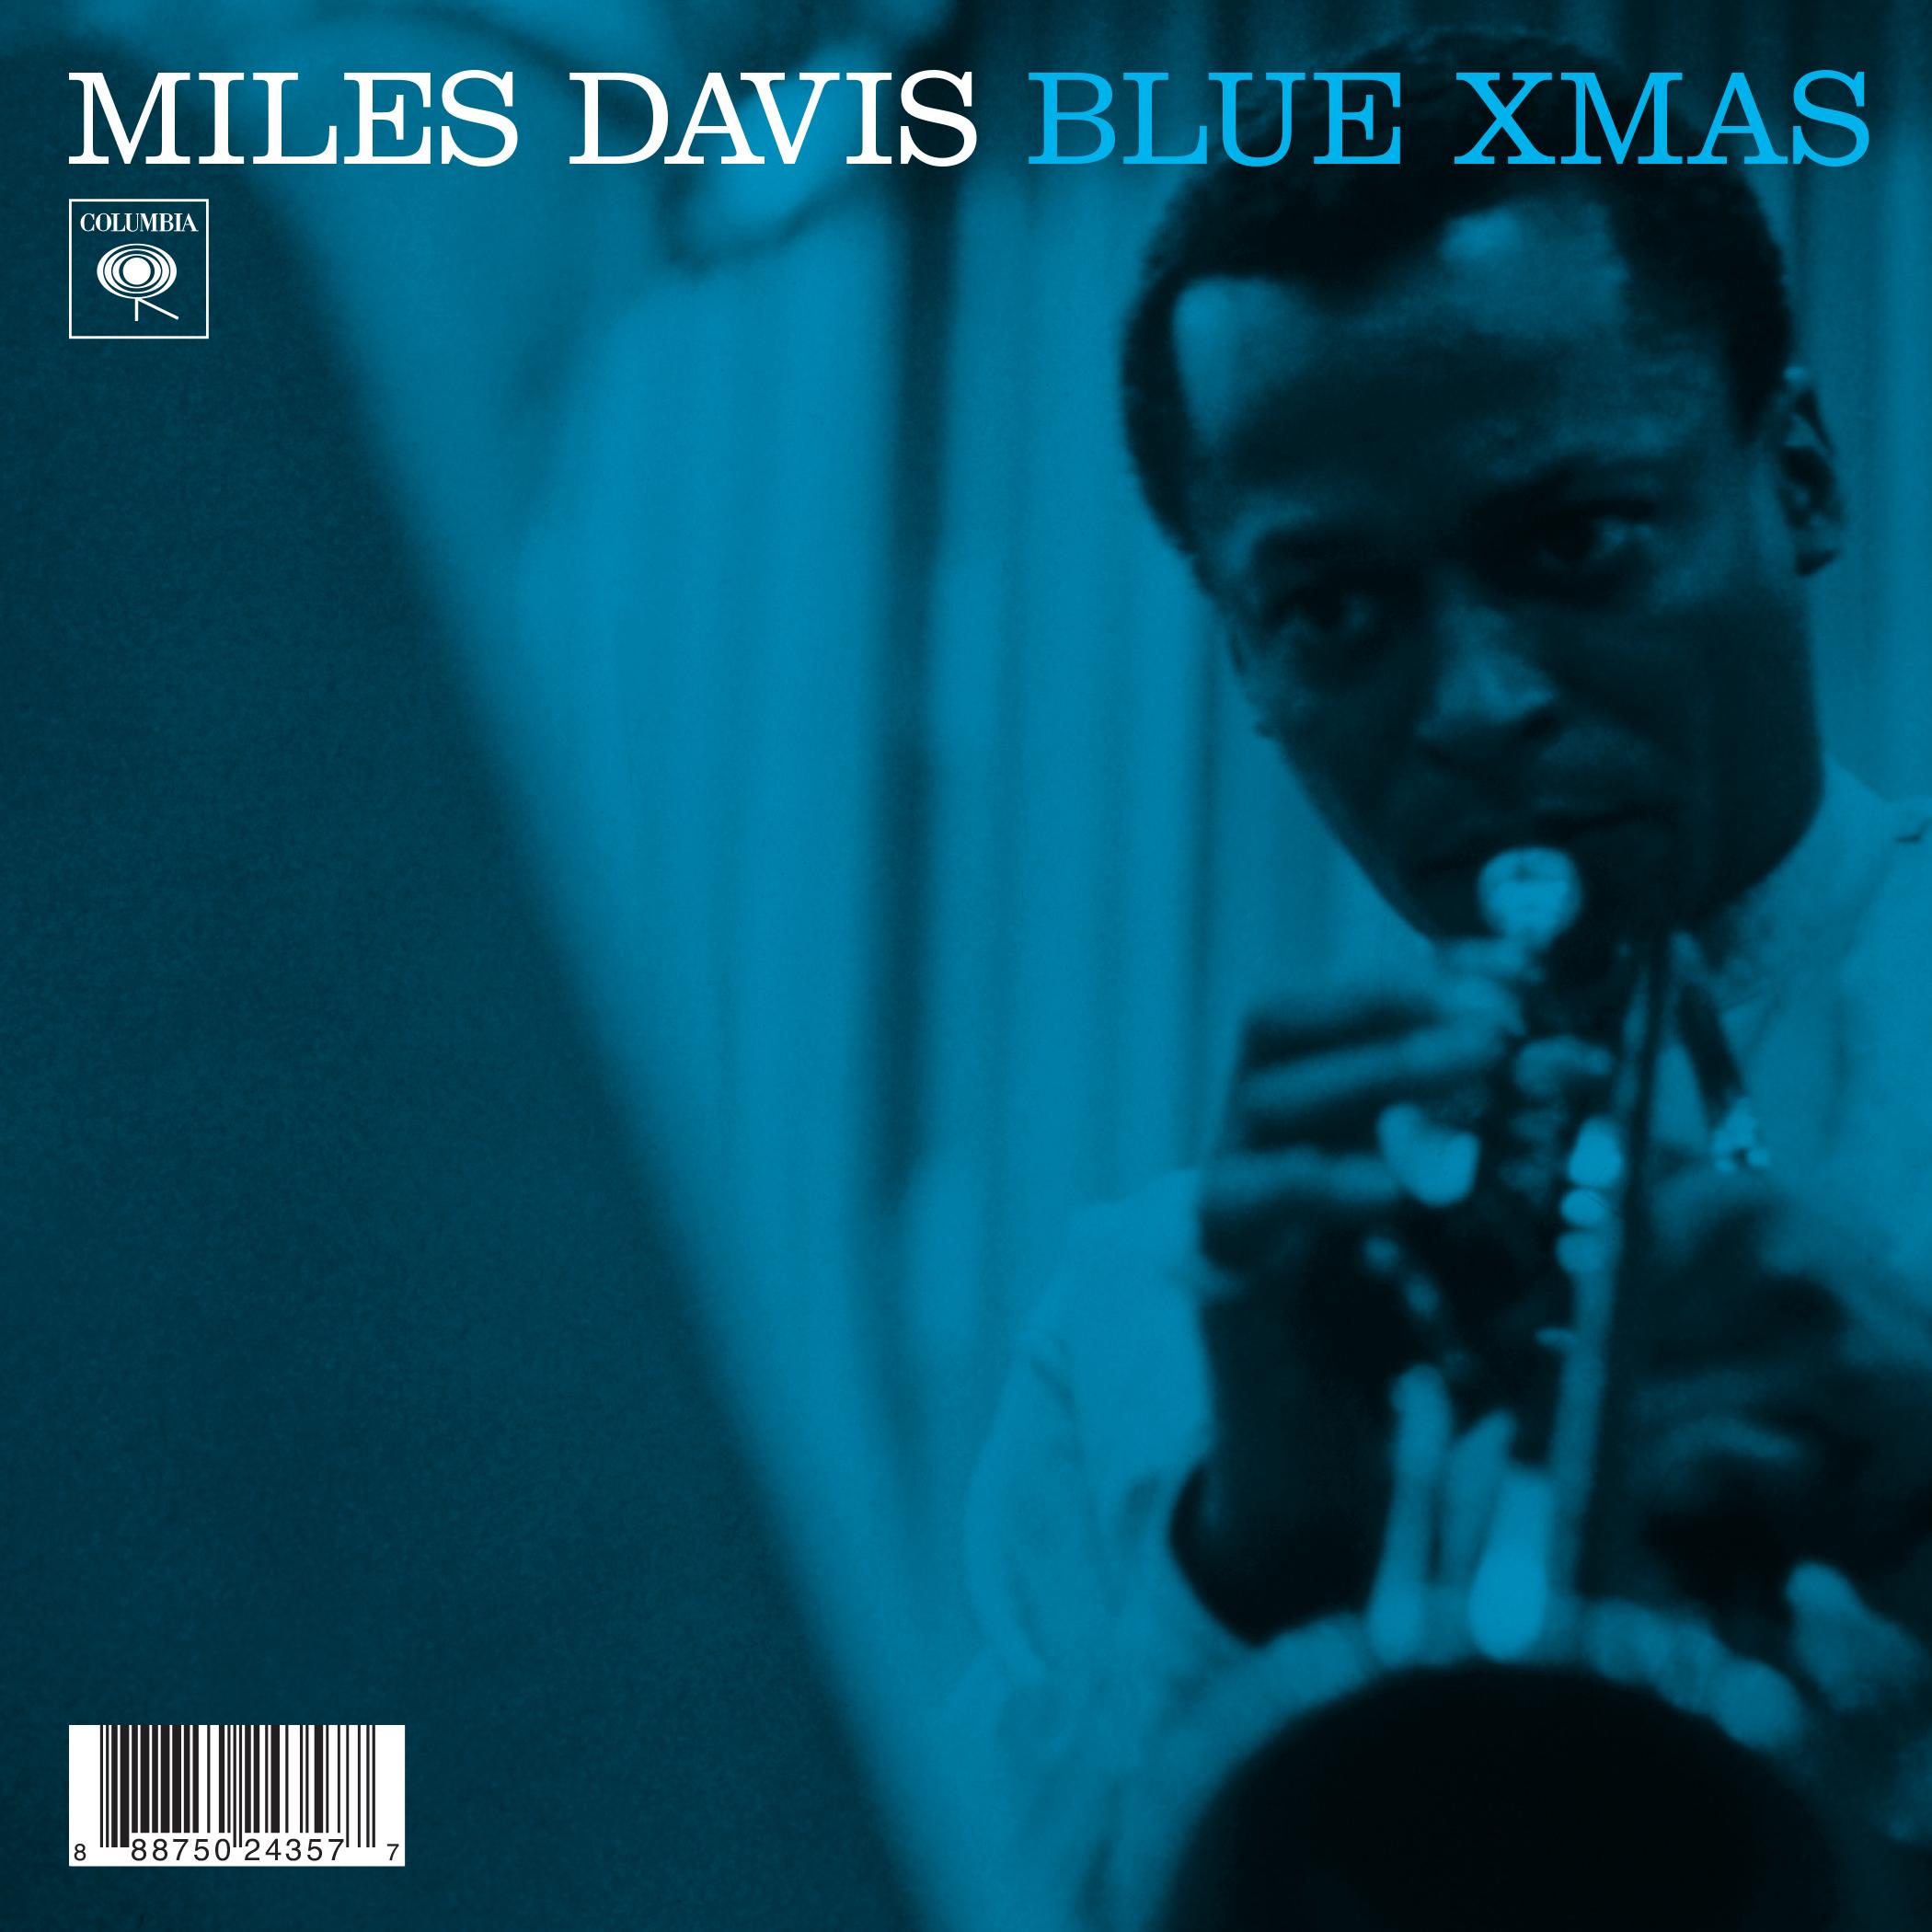 Miles Davis Blue Xmas 7